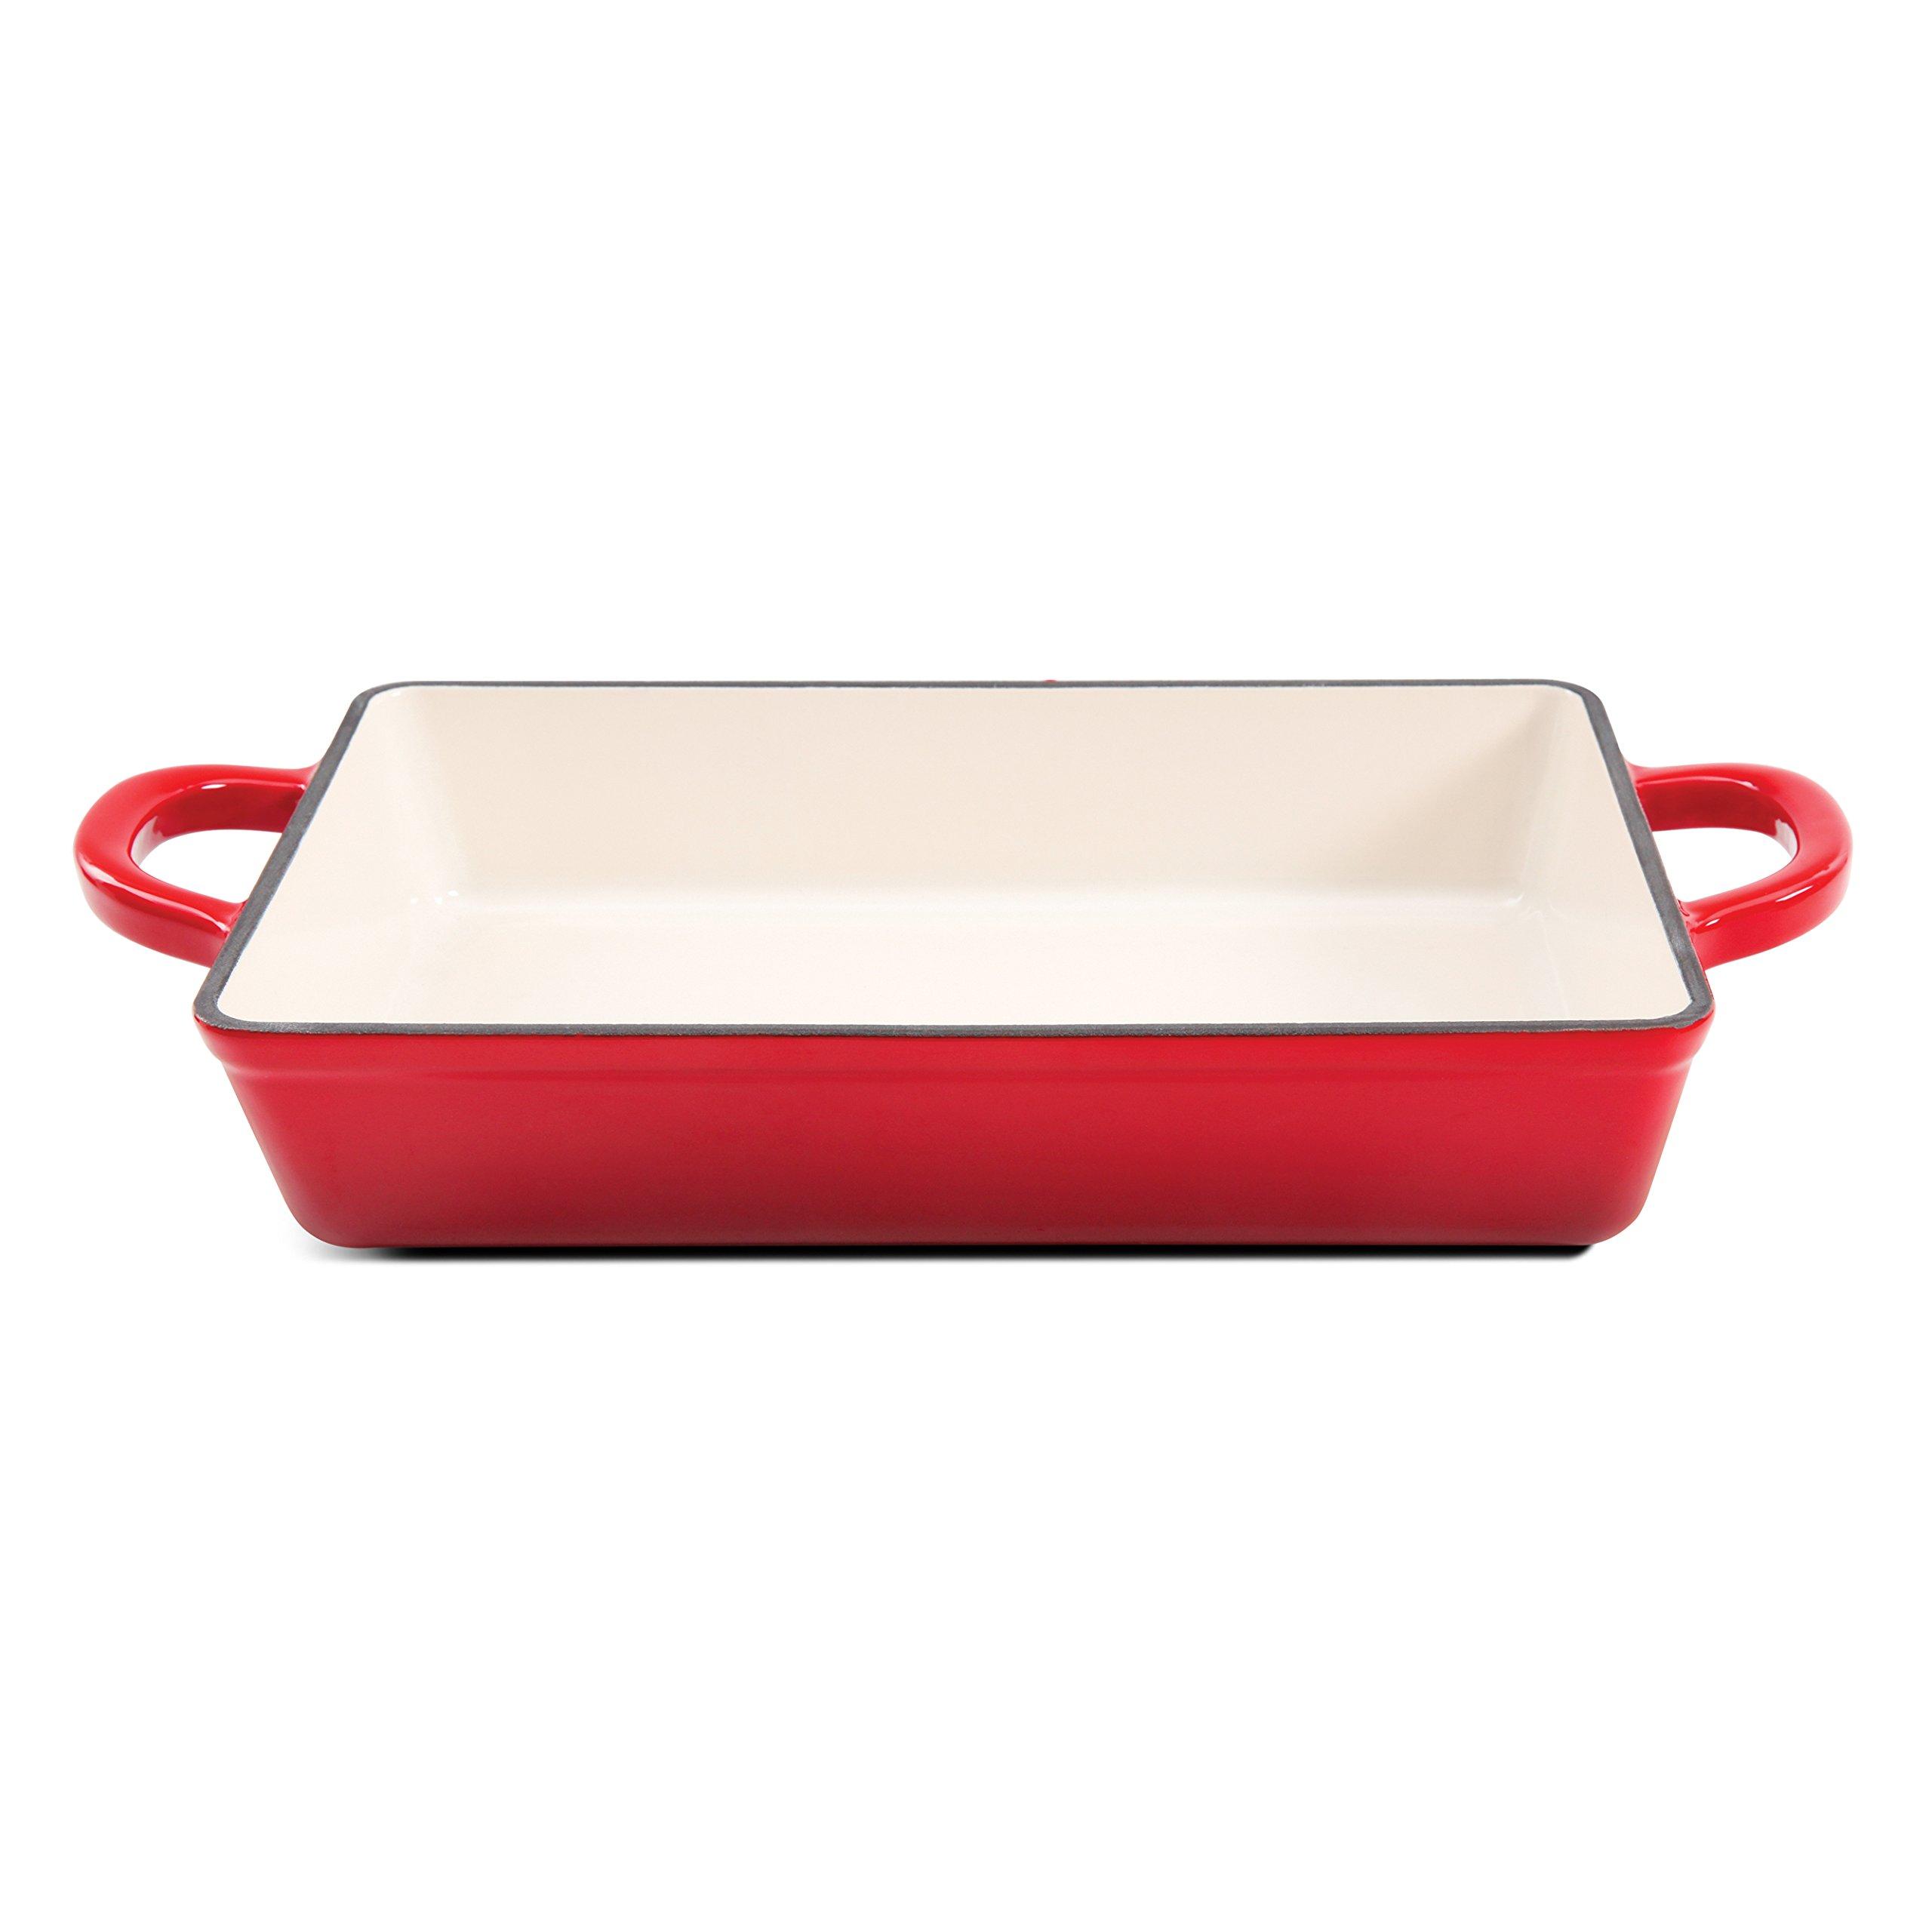 Crock Pot Artisan 13in Enameled Cast Iron Lasagna Pan, Red by Crock-Pot